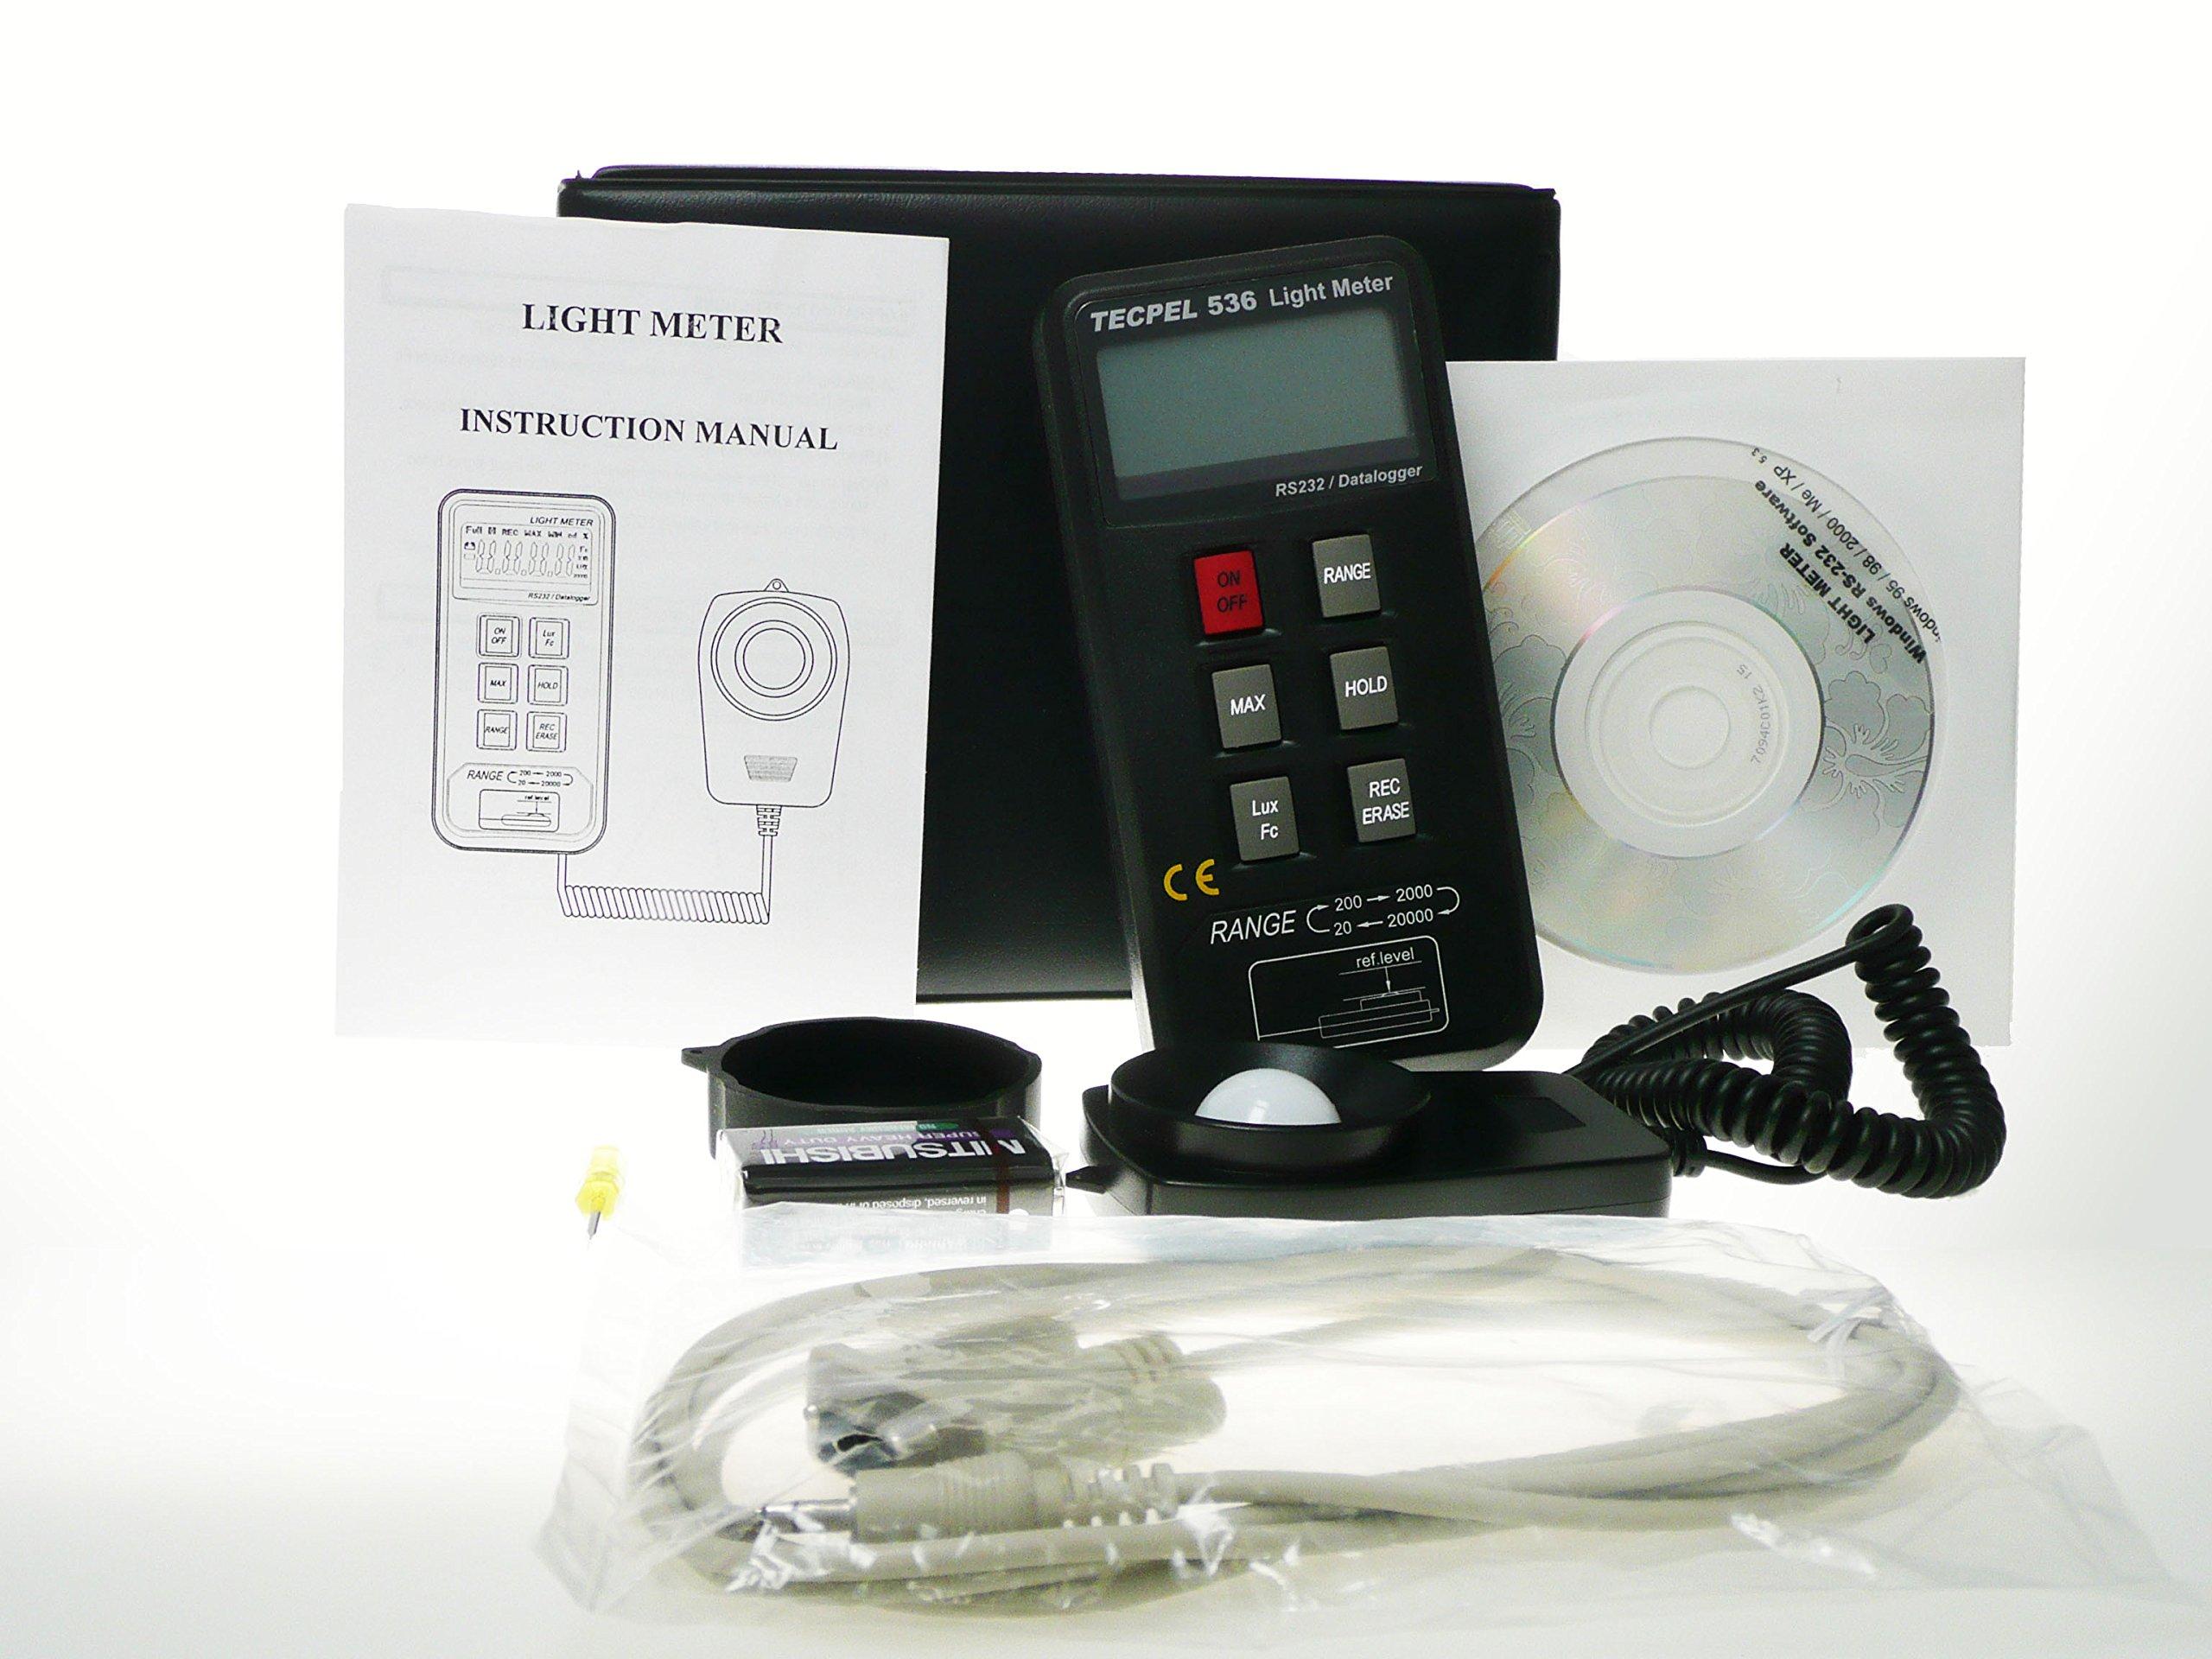 Tecpel Light Meter Data logger DLM-536 by Tecpel